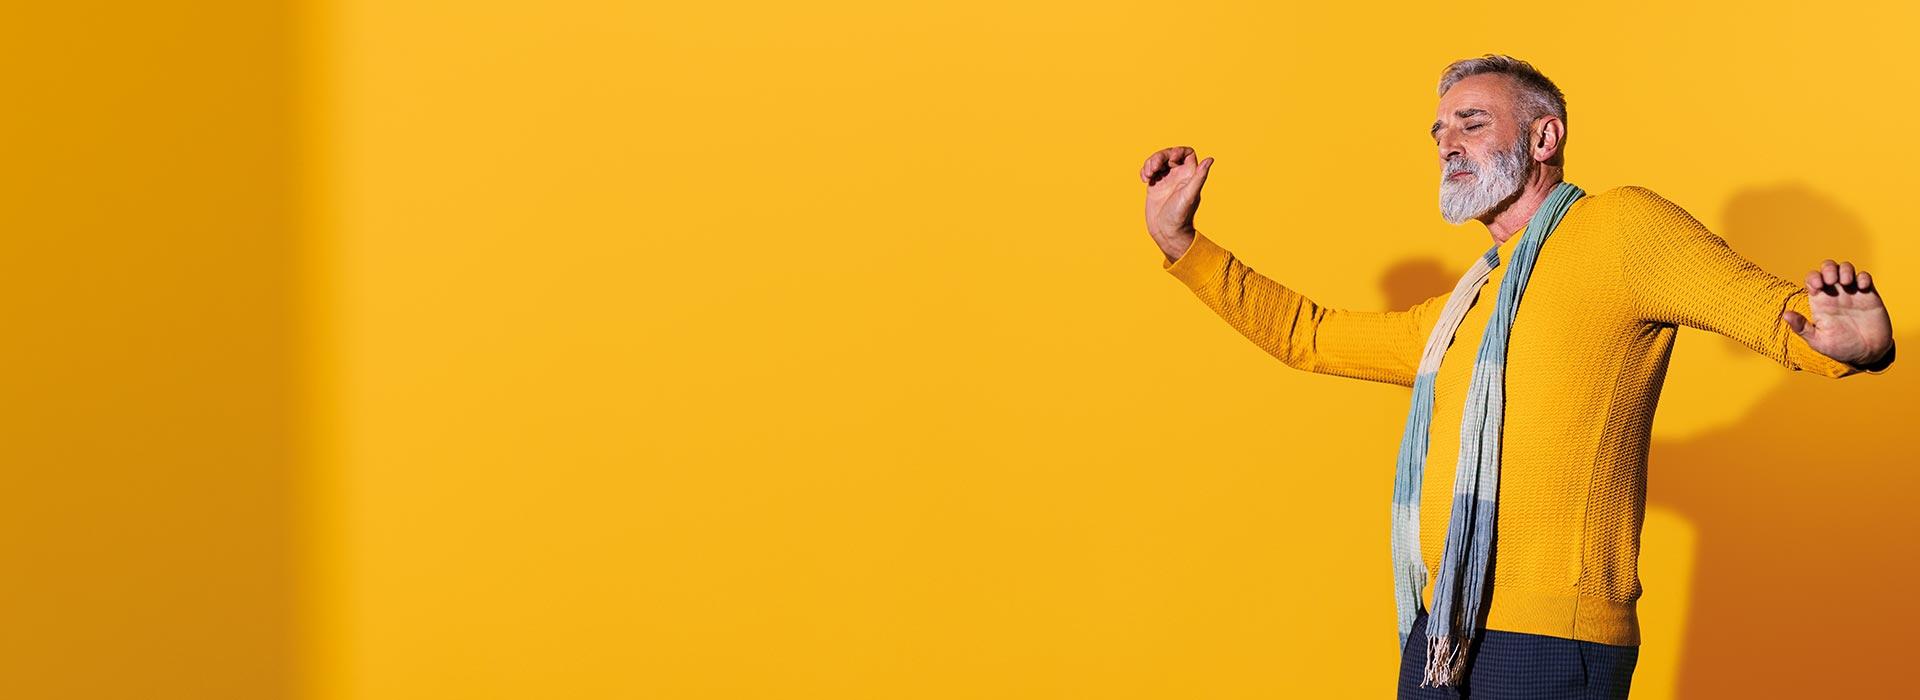 Man van middelbare leeftijd die Philips HearLink hoortoestellen draagt, danst en voelt zich zelfverzekerd.